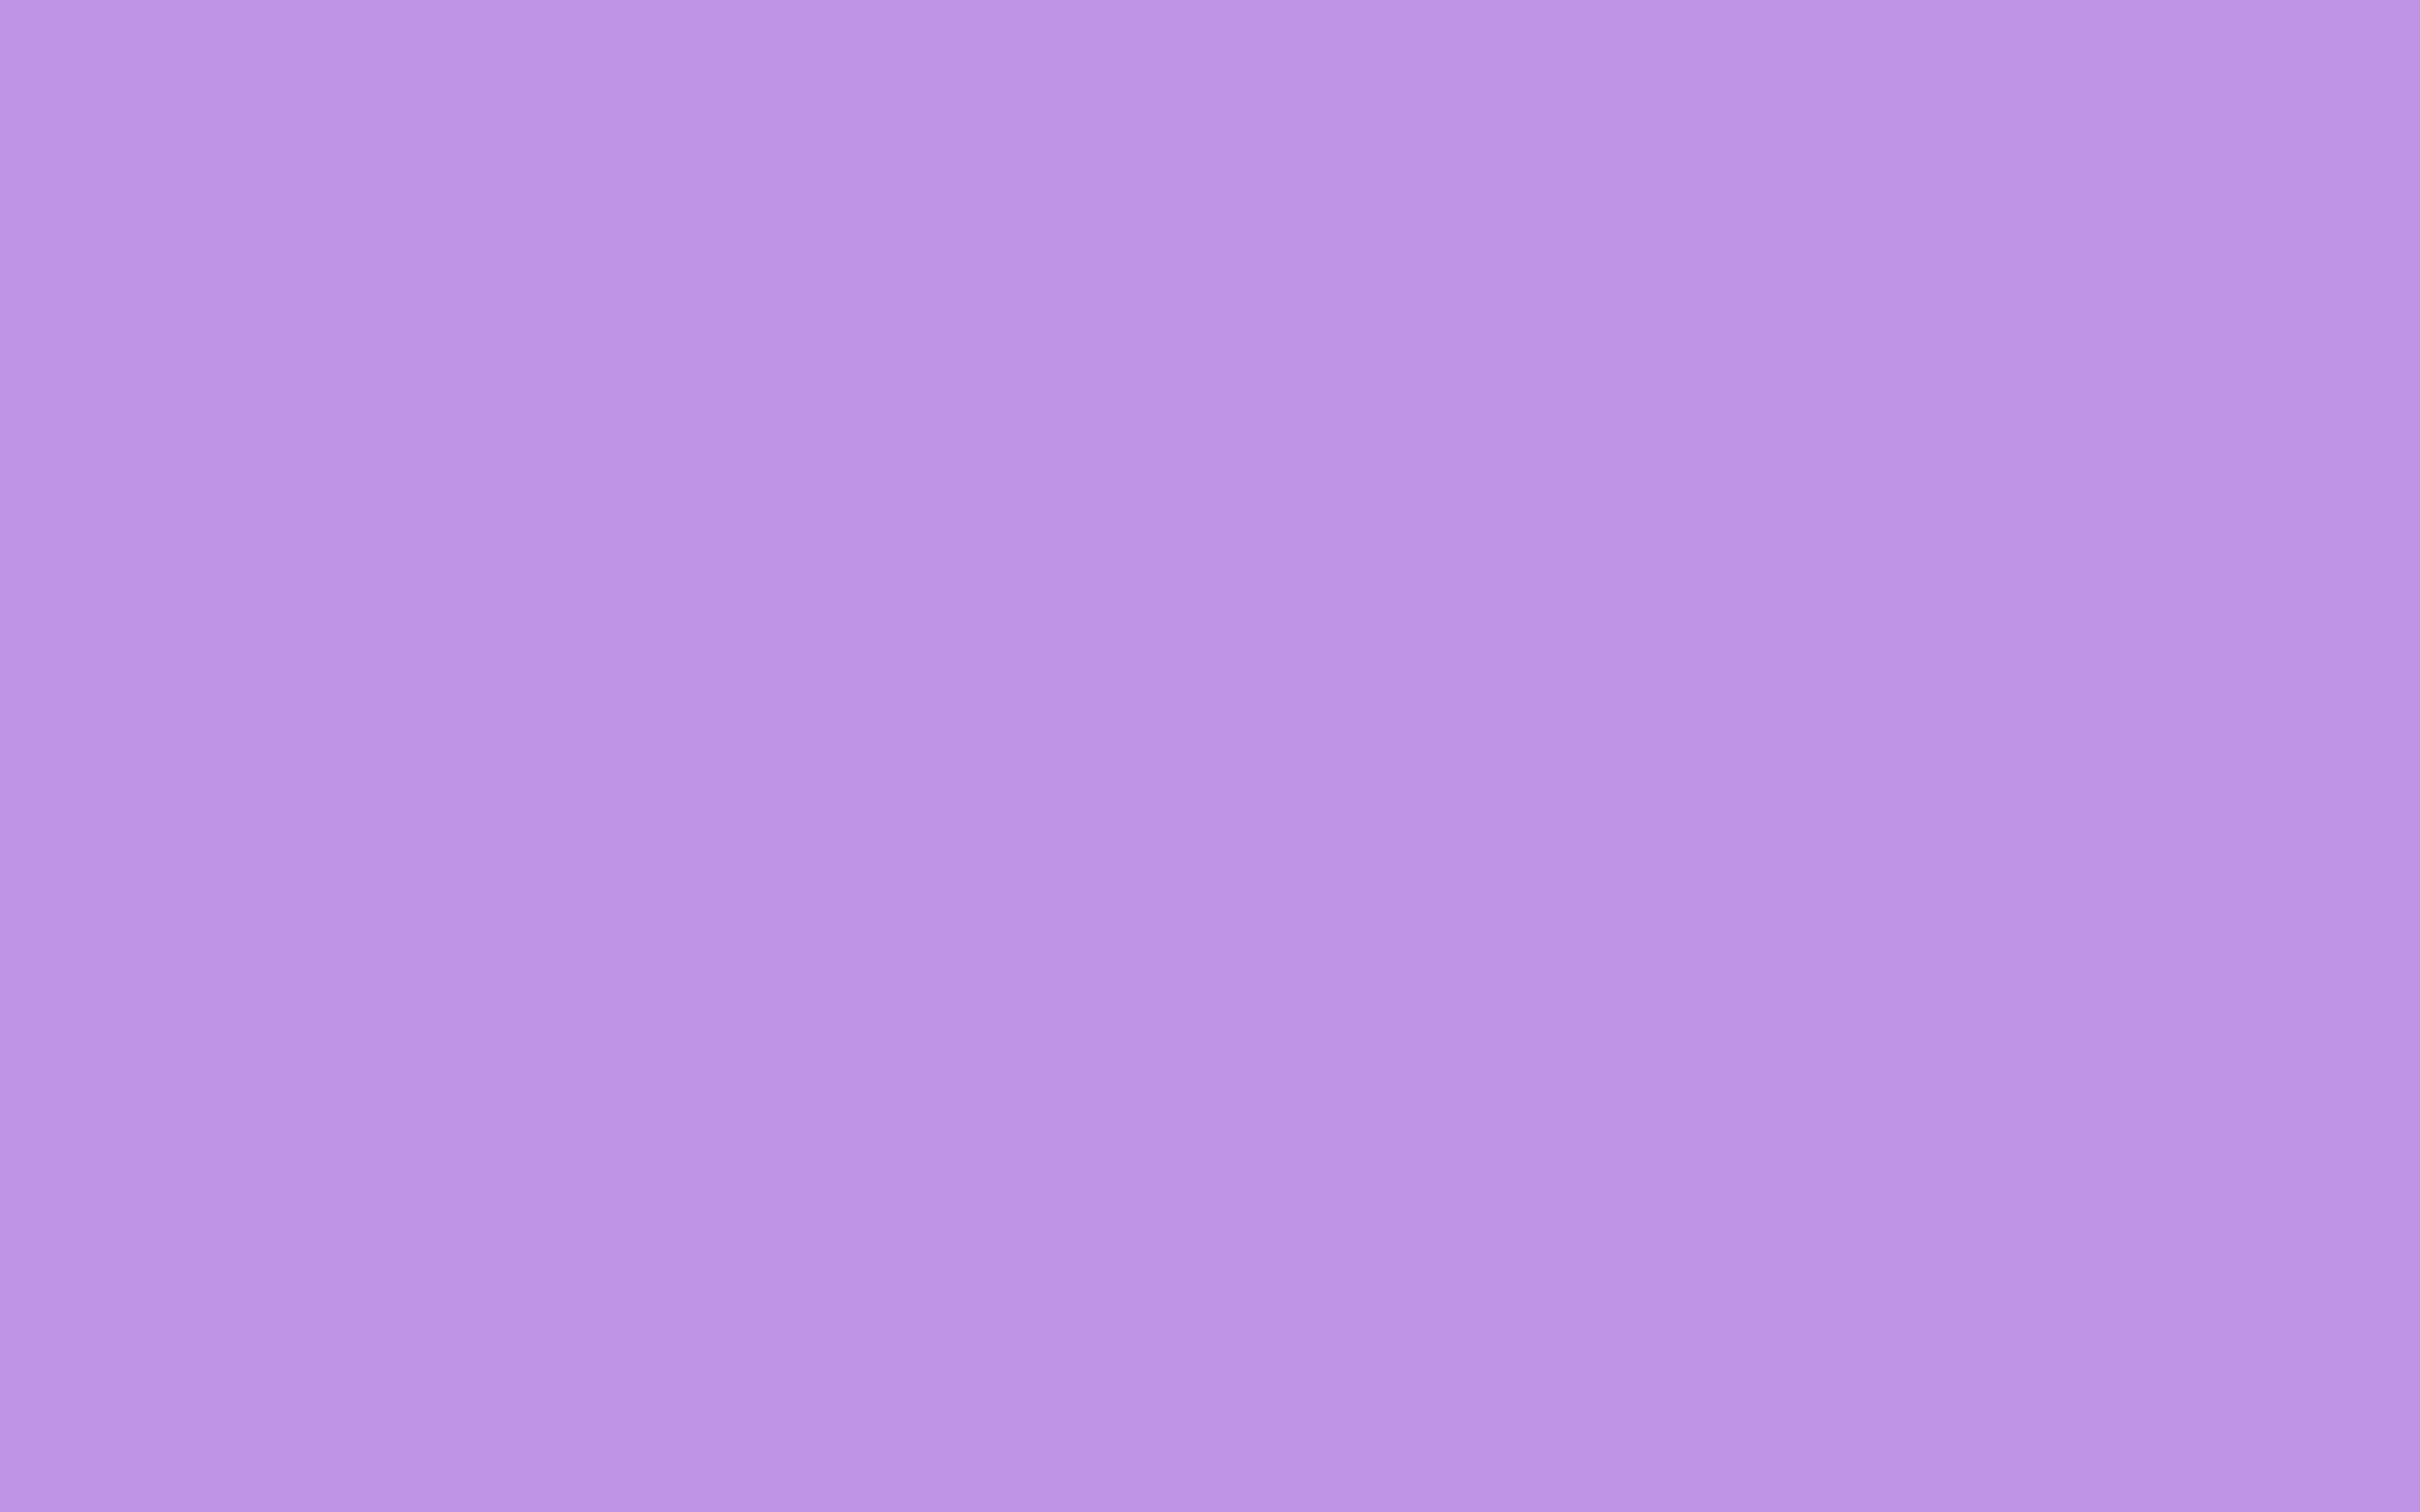 Plain Color Wallpapers